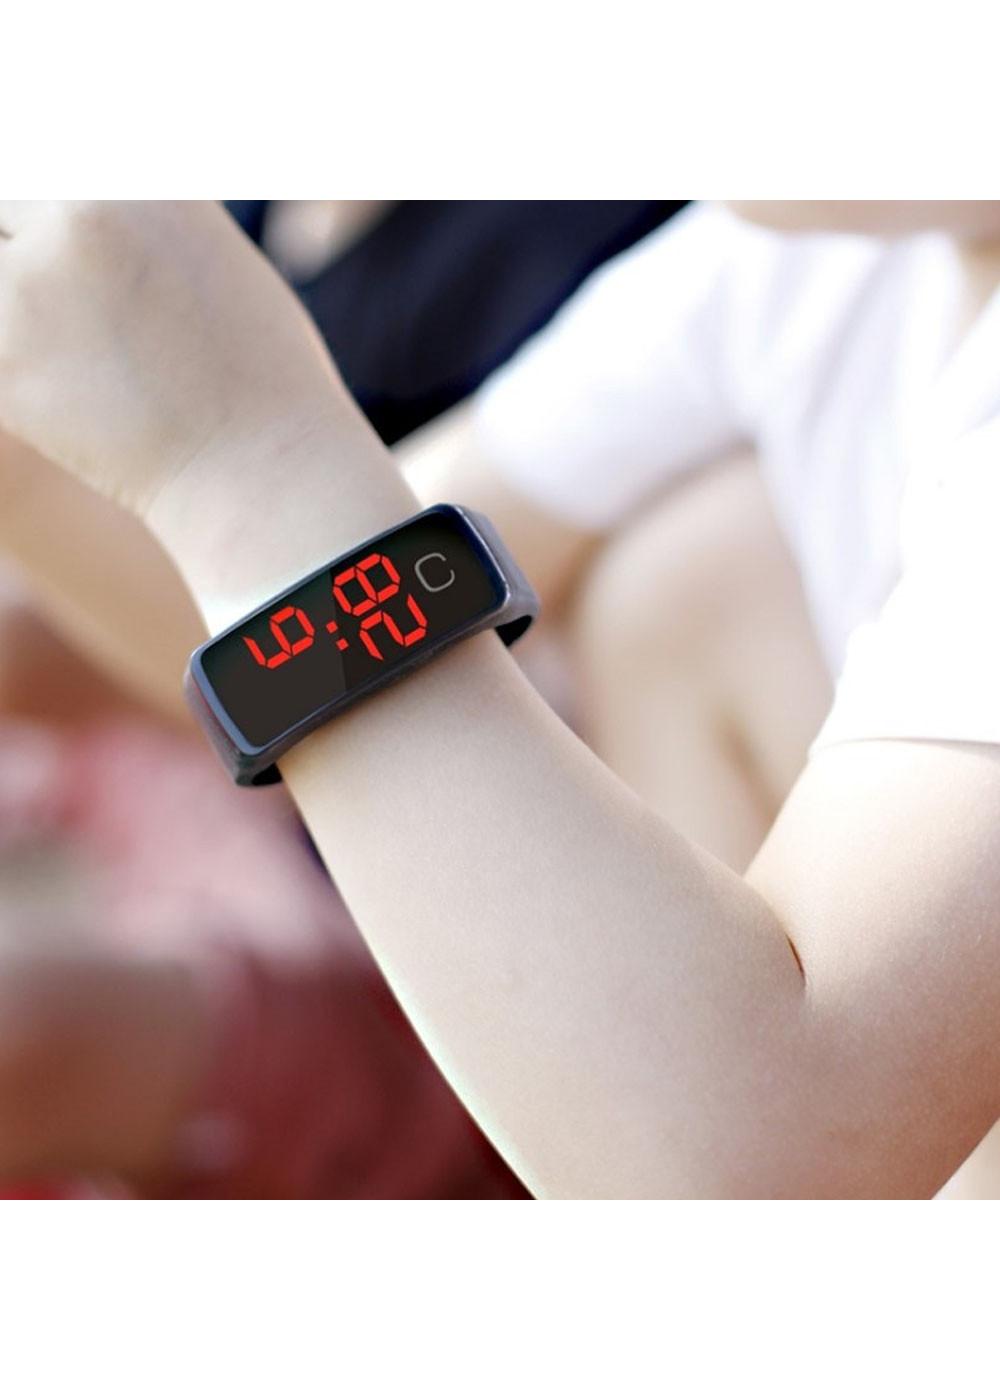 COMBO 02 đồng hồ đeo tay thời trang cho trẻ em kĩ thật số, sử dụng PIN